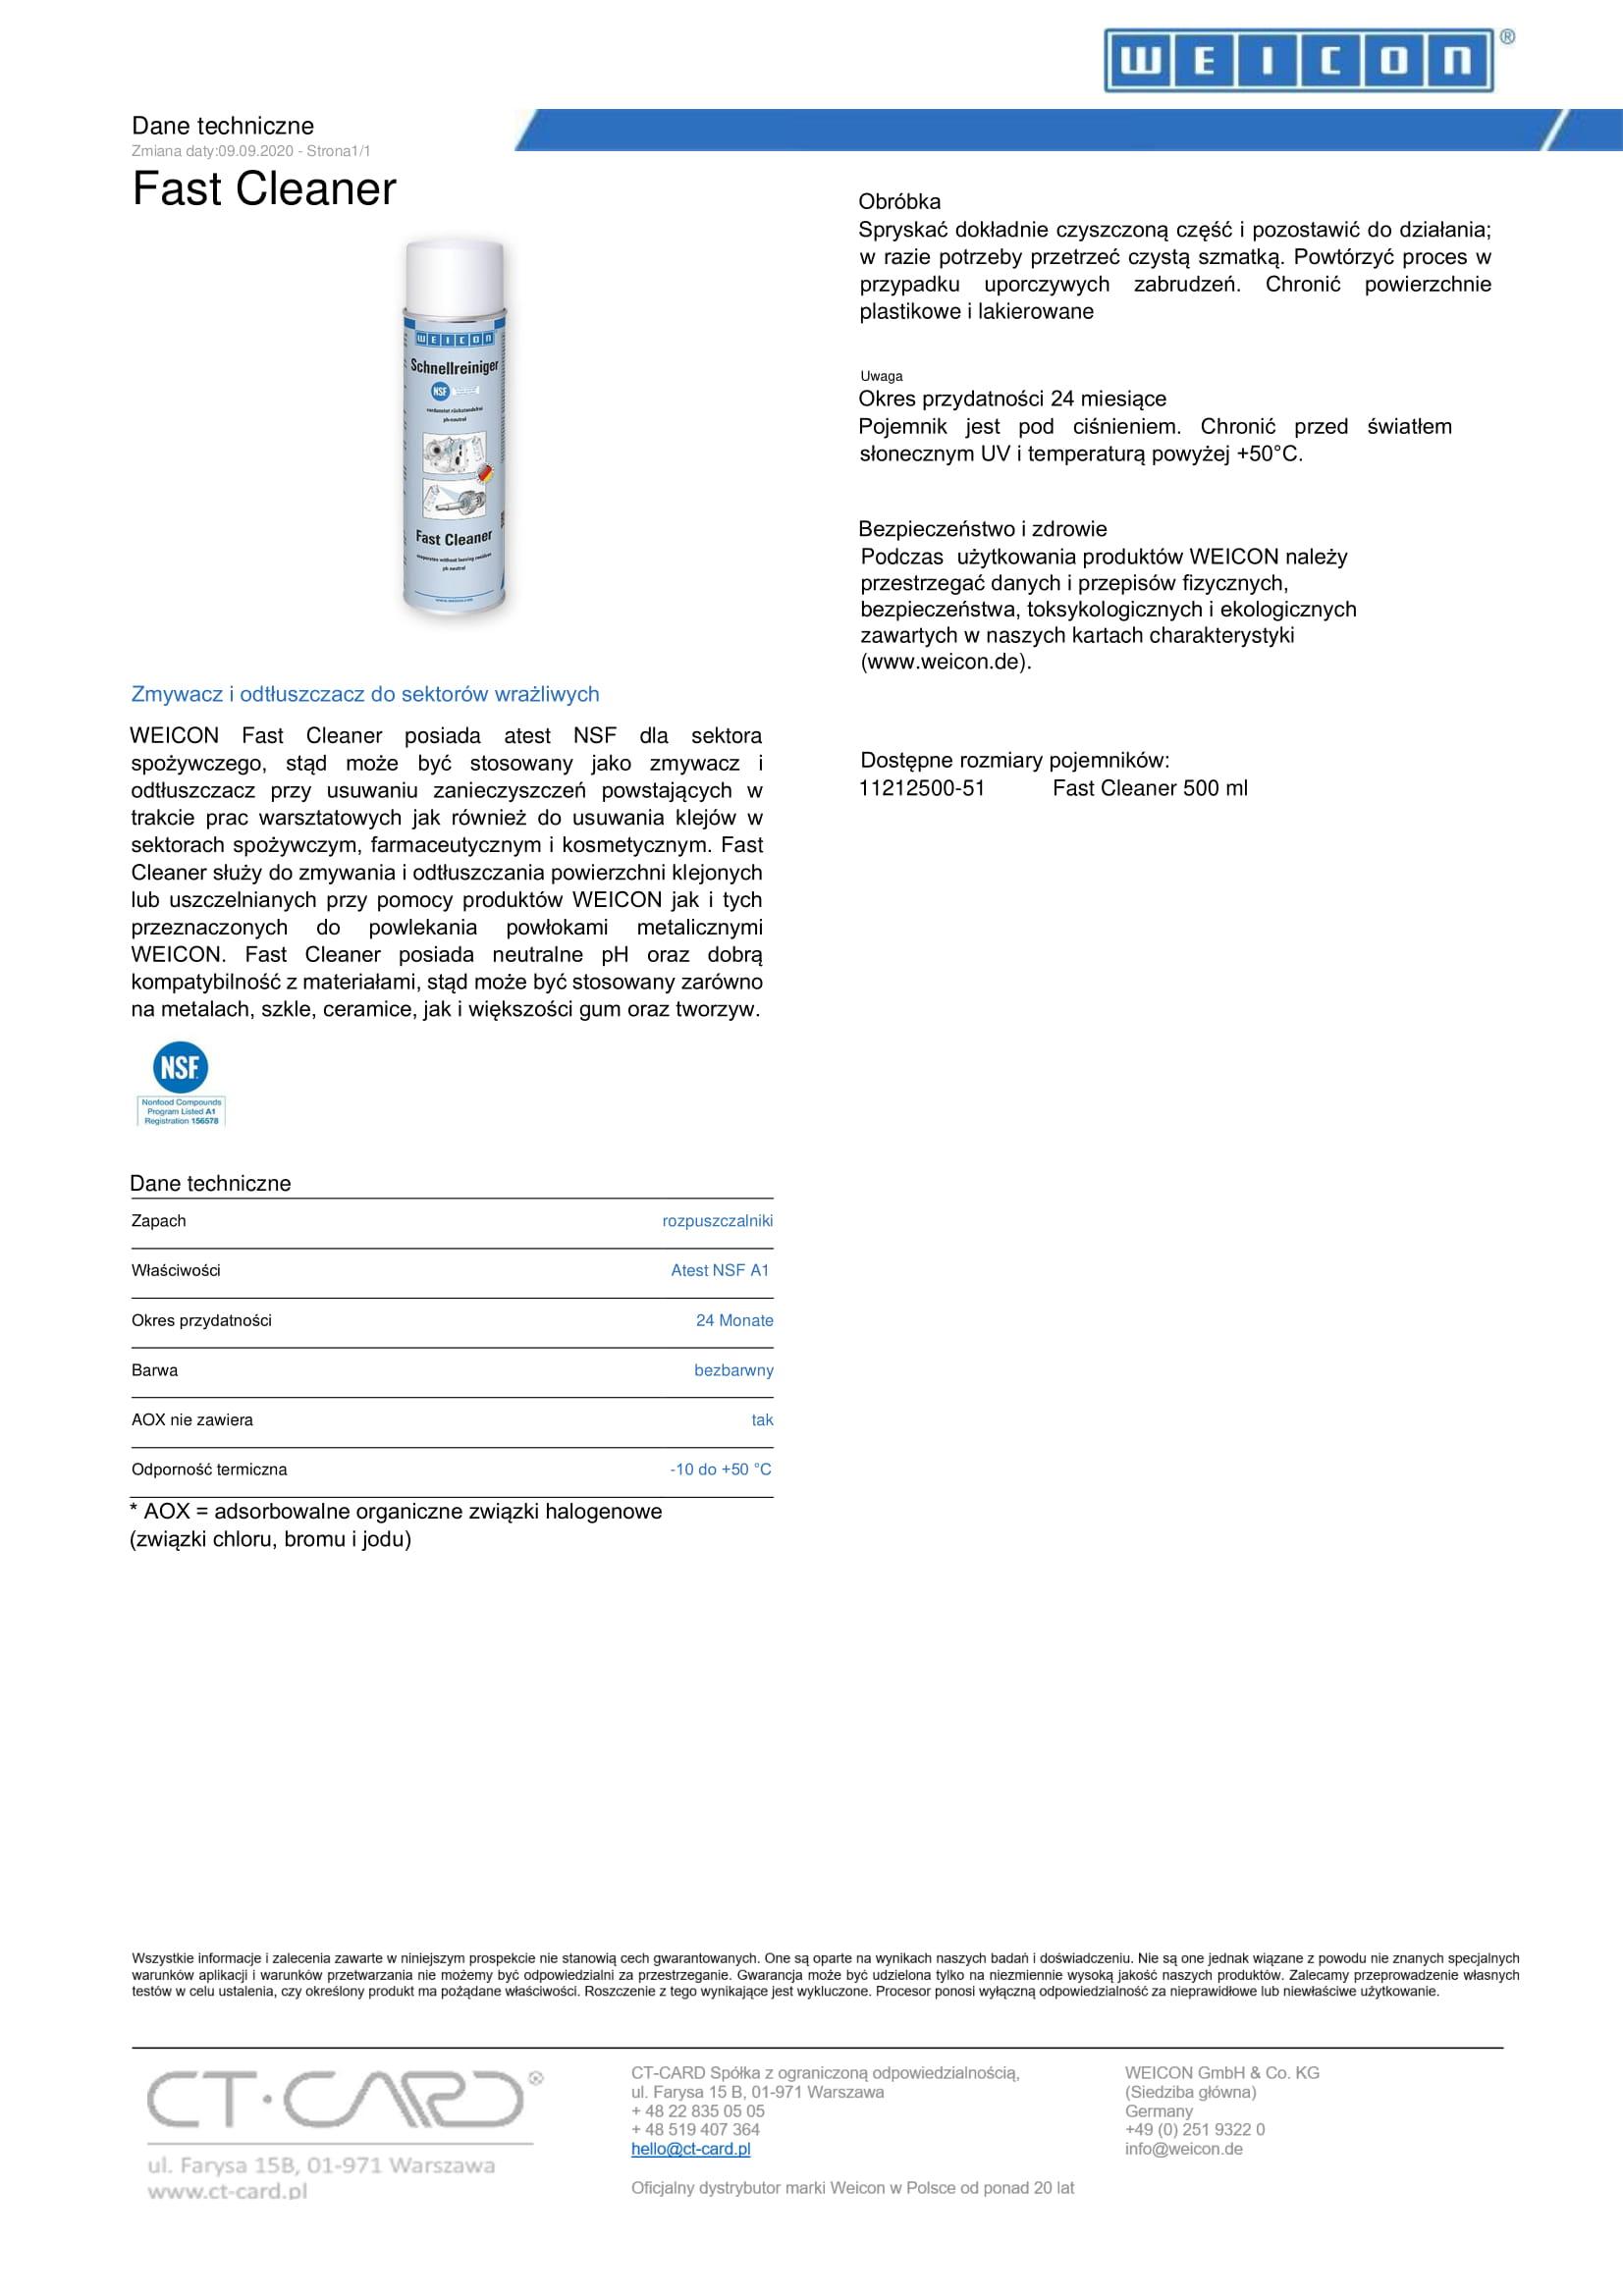 TDS_11212500_PL_Fast_Cleaner-1